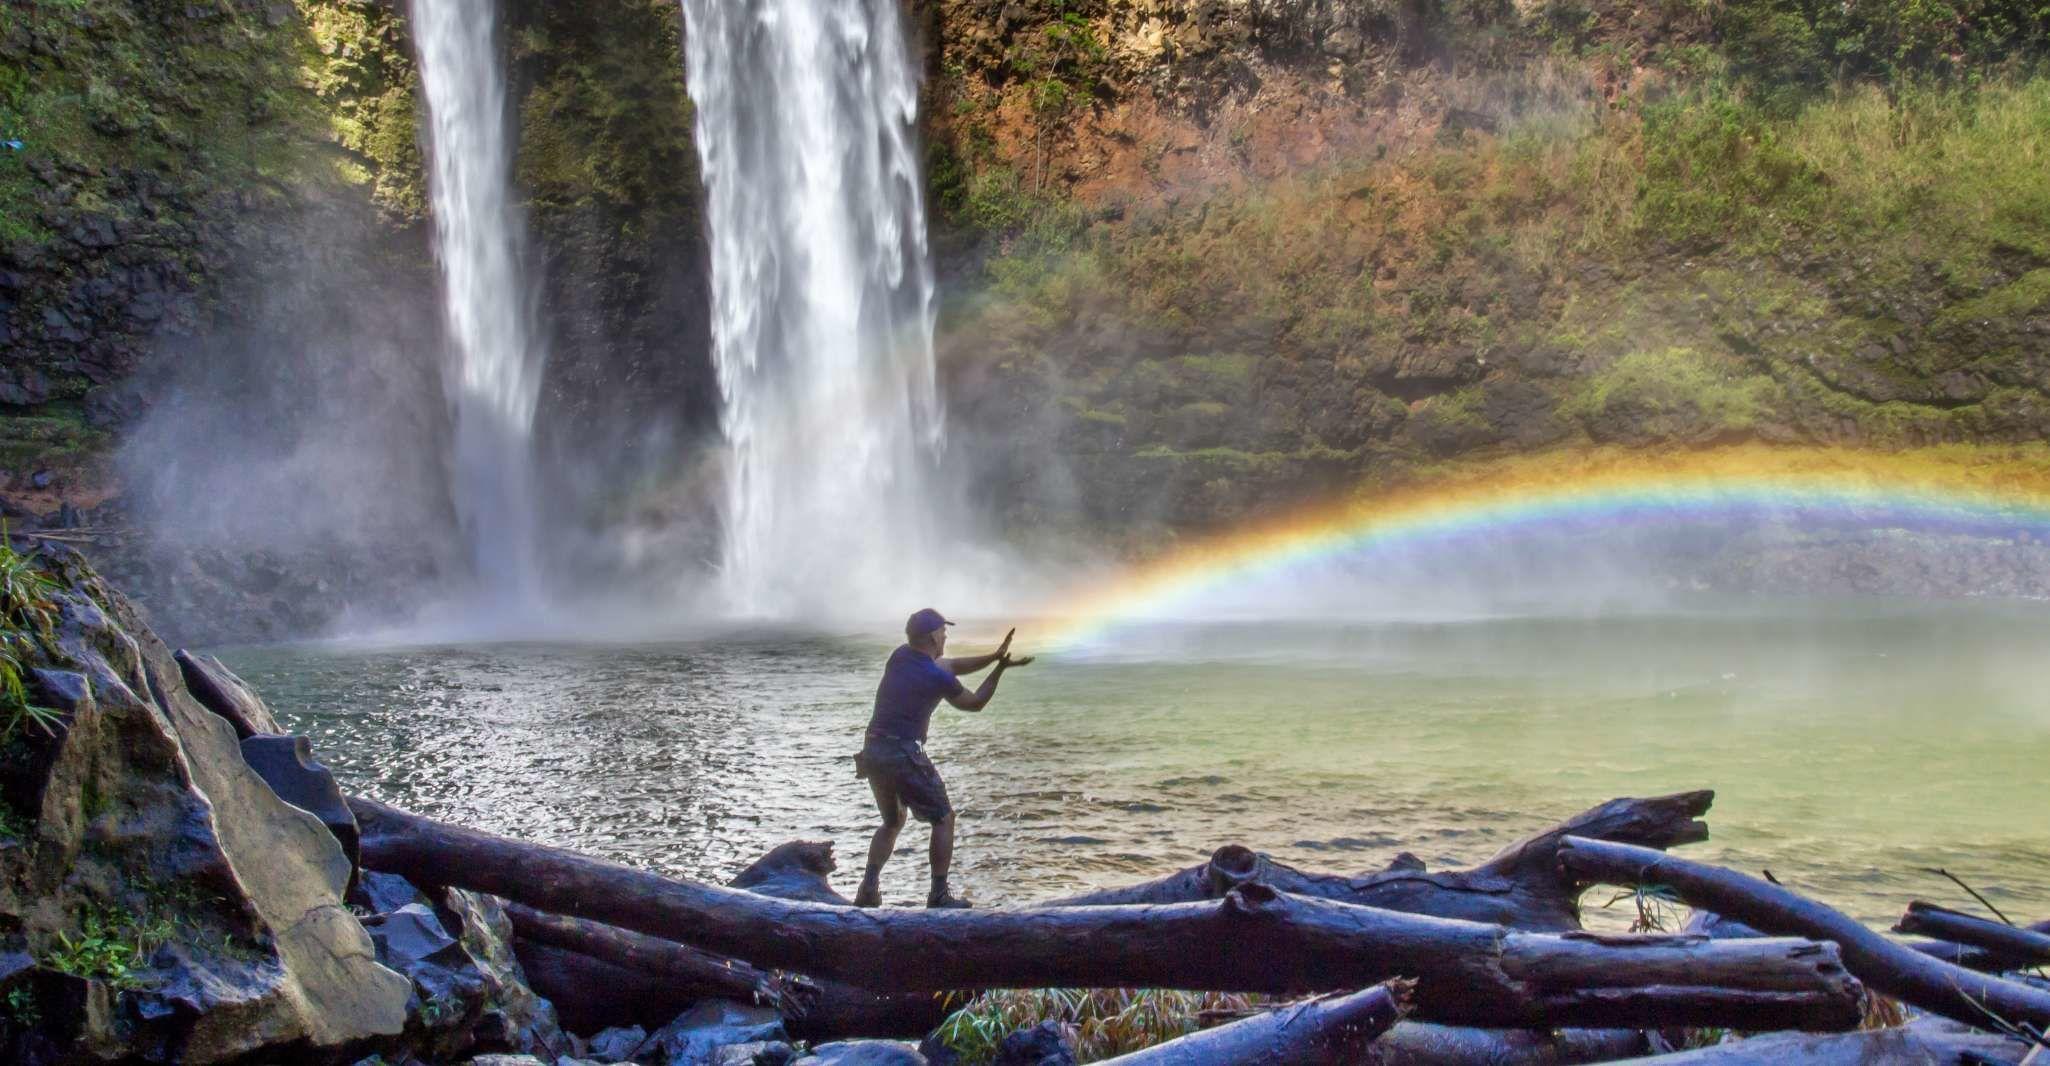 Kauai: Waterfall Photo Adventure Tour